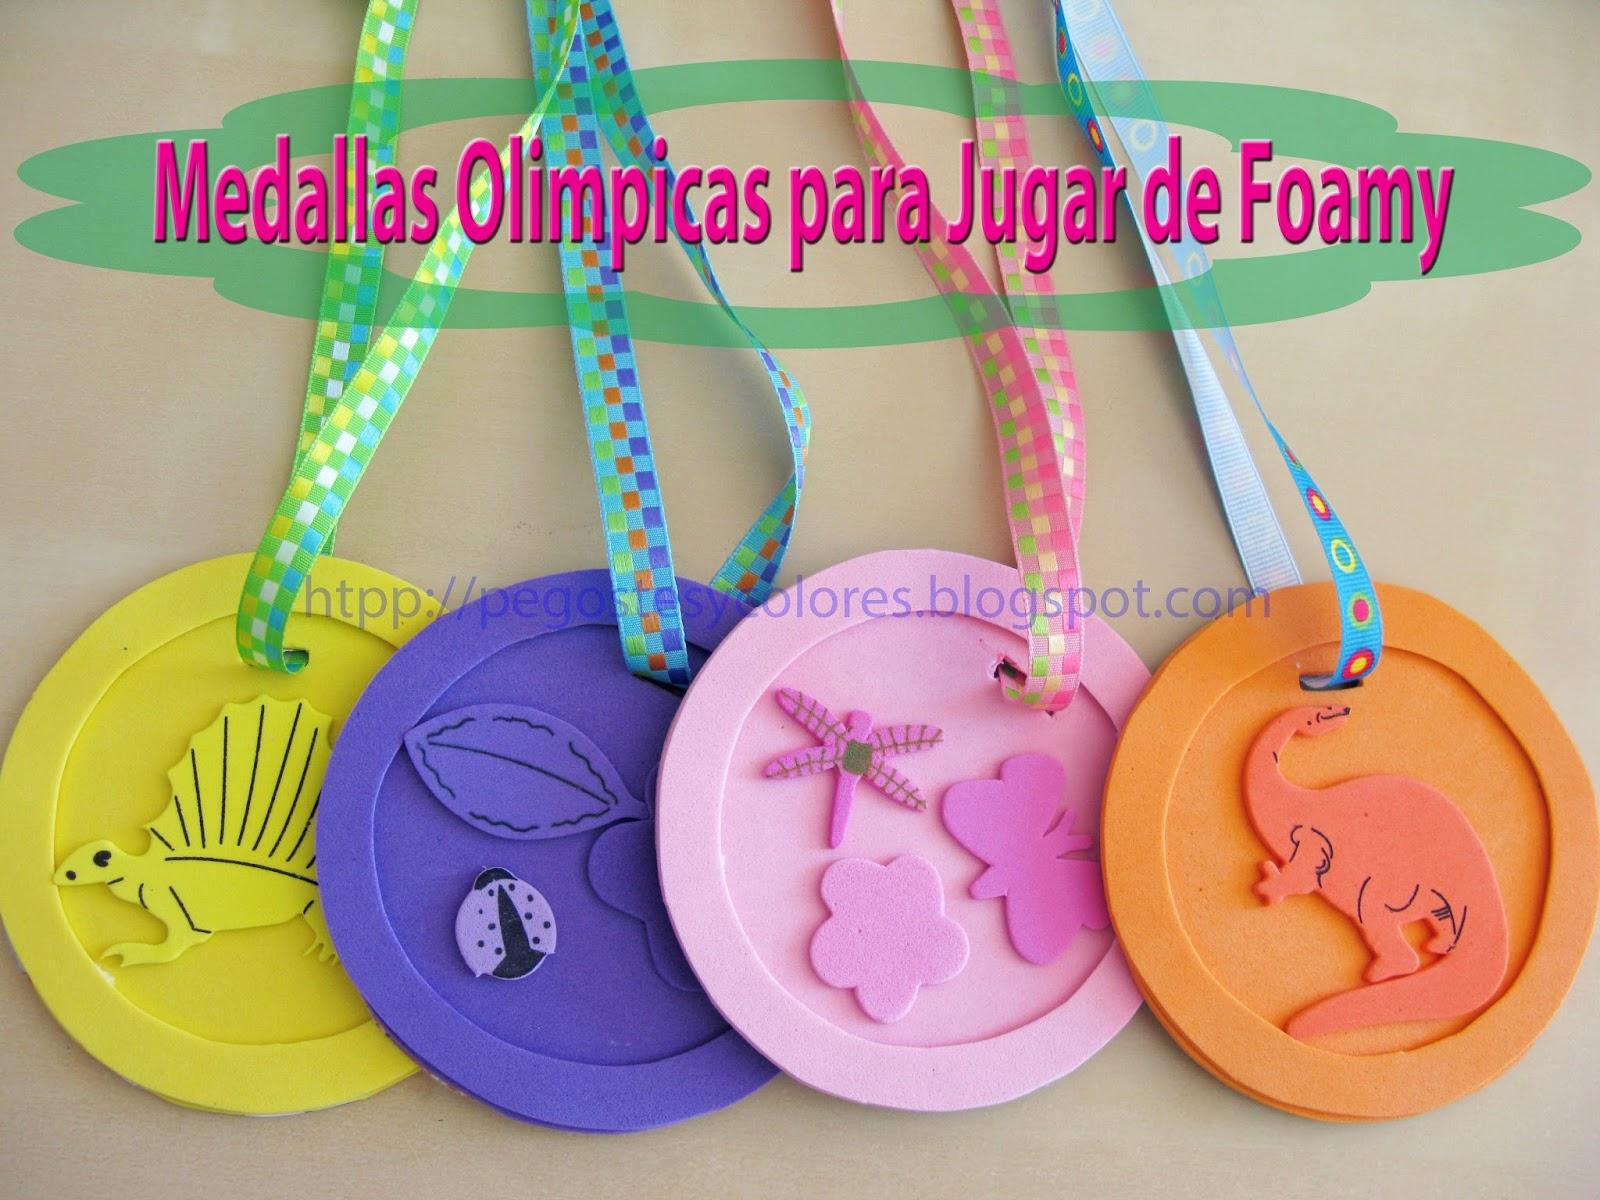 Imagenes De Medallas De Foamy | apexwallpapers.com